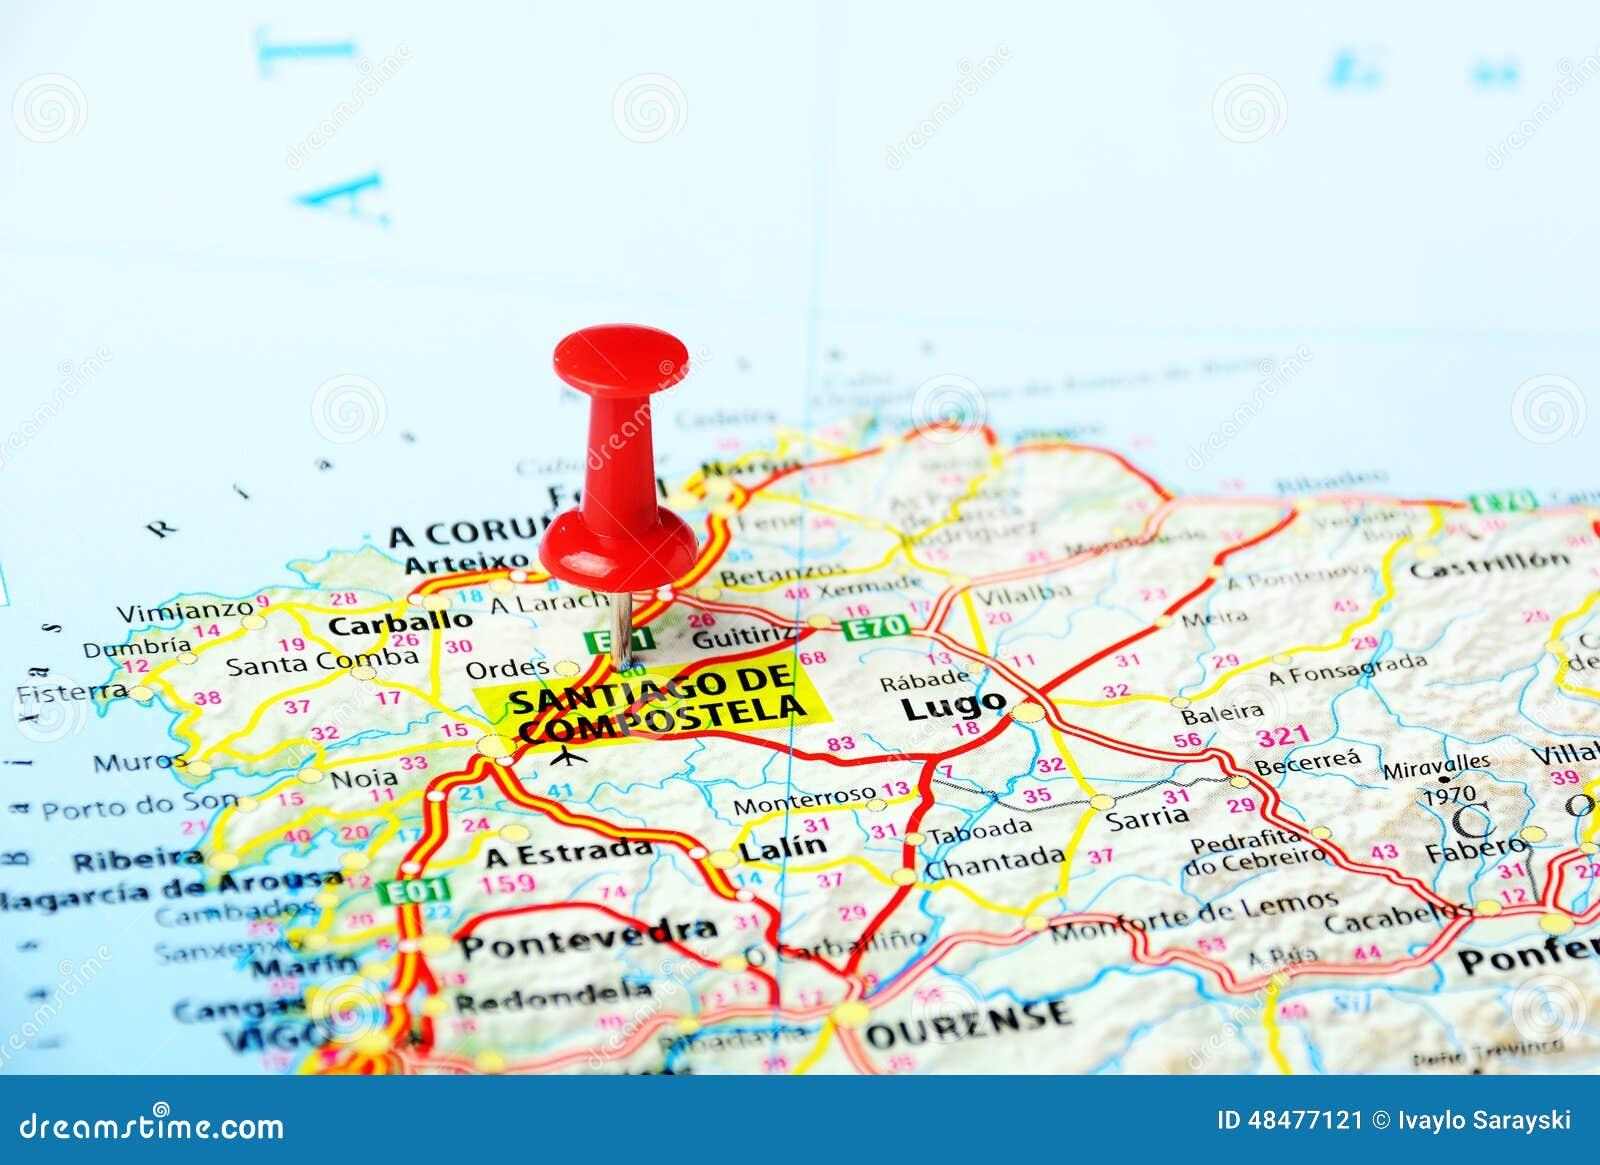 mapa de espanha santiago de compostela Santiago De Compostela, Mapa Da Espanha Imagem de Stock   Imagem  mapa de espanha santiago de compostela